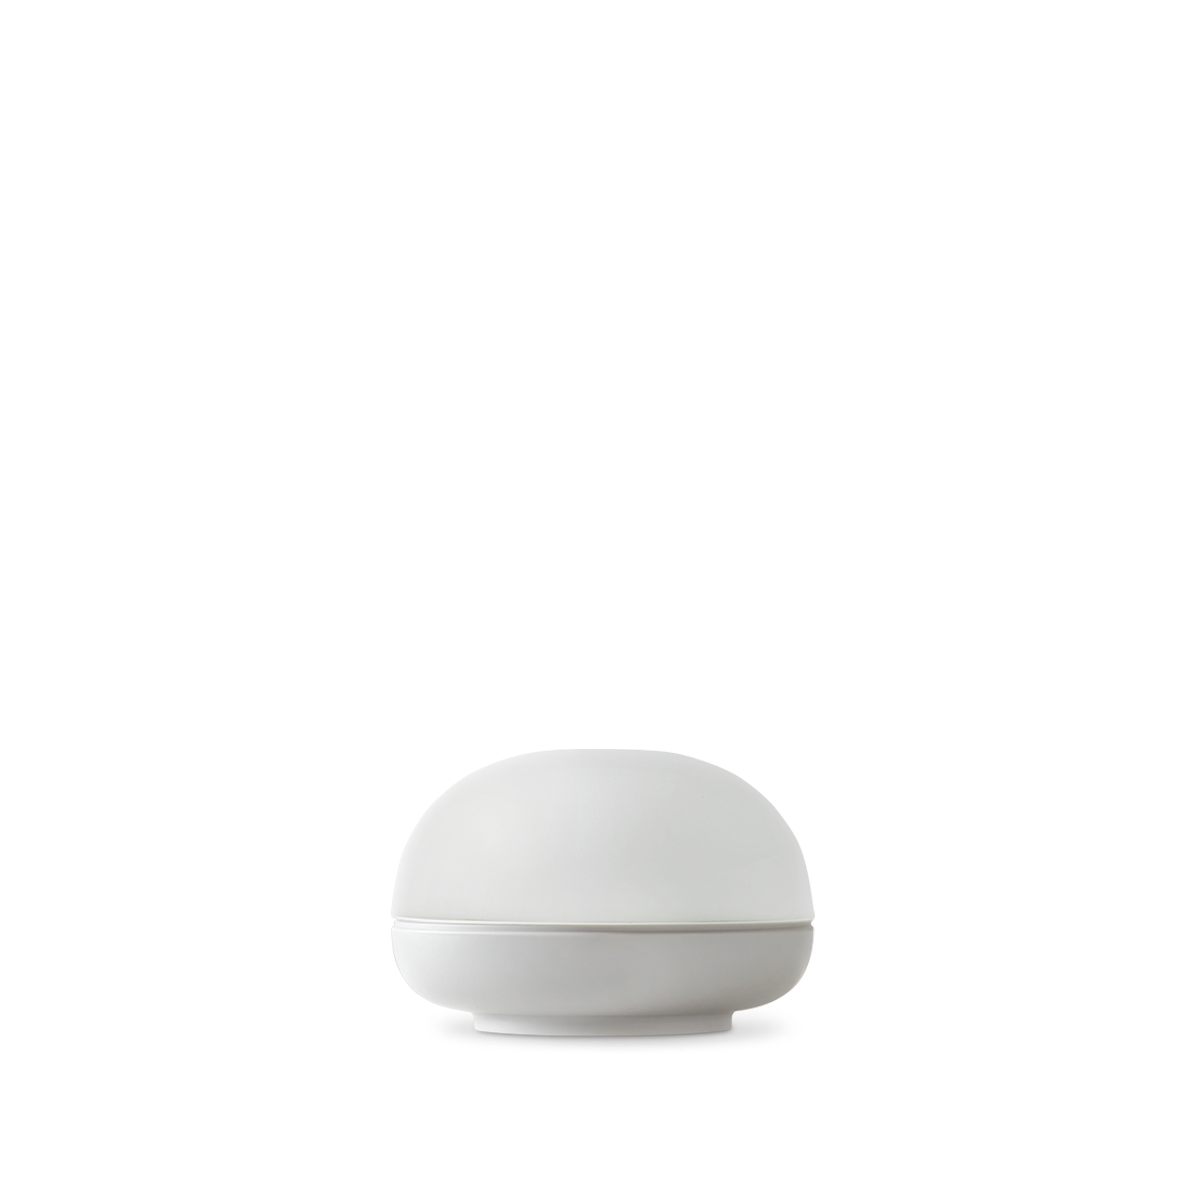 Rosendahl - Soft Sport LED Tablelamp Small - Off-White (26210)